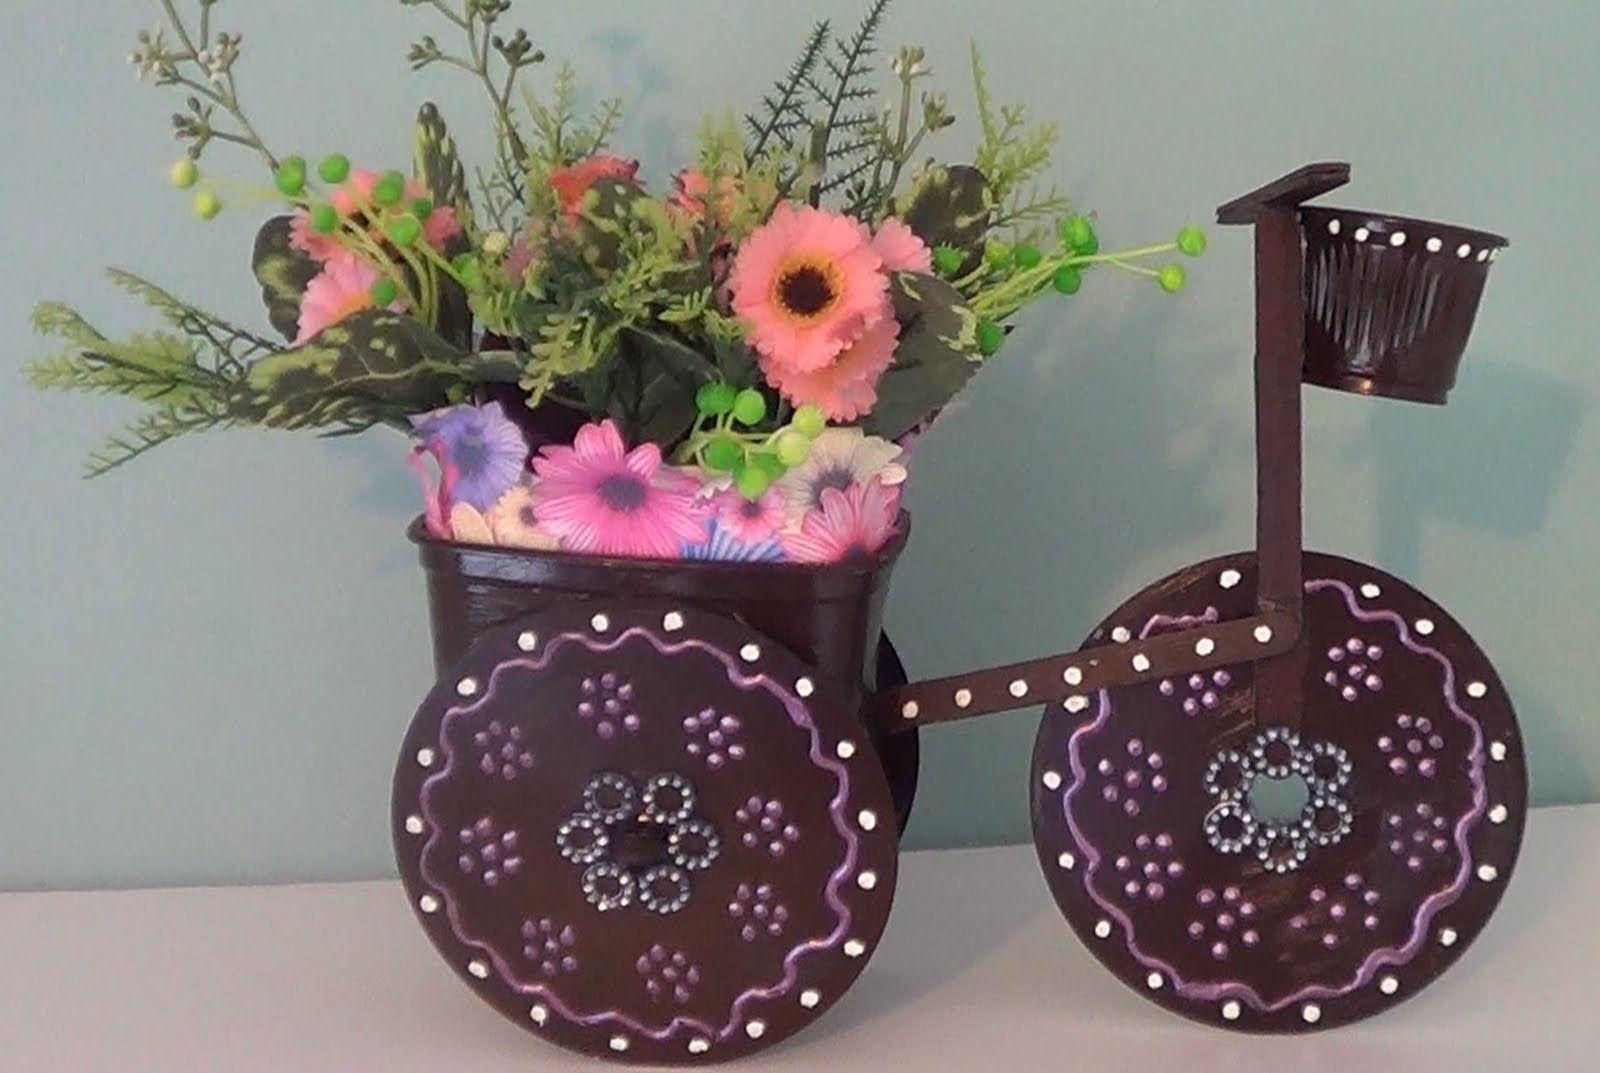 Buffet Aparador Grande ~ Artesanato Triciclo de cd para decoraç u00e3o com materiais reciclados Ideias para a casa